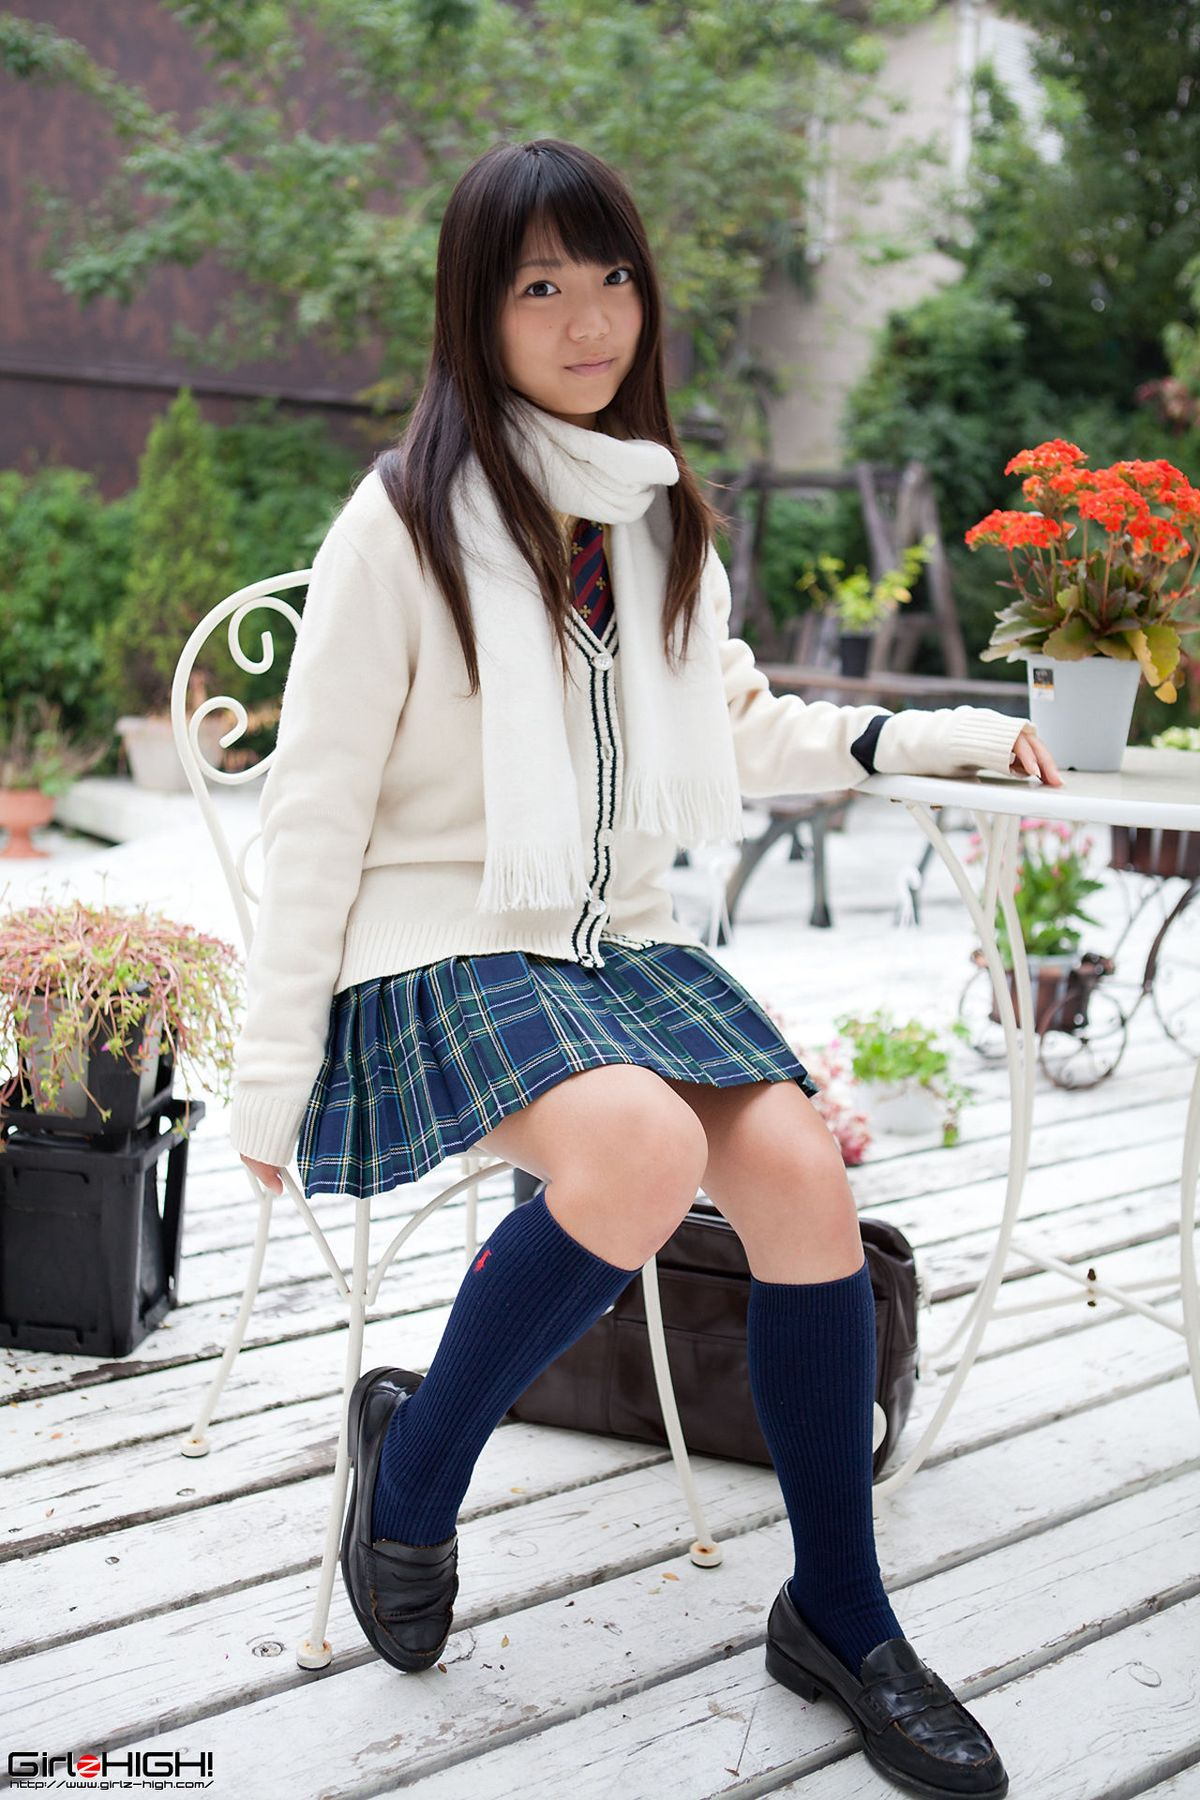 [Girlz-High] Fuuka Nishihama 西浜ふうか - 清纯学妹 Special Gravure